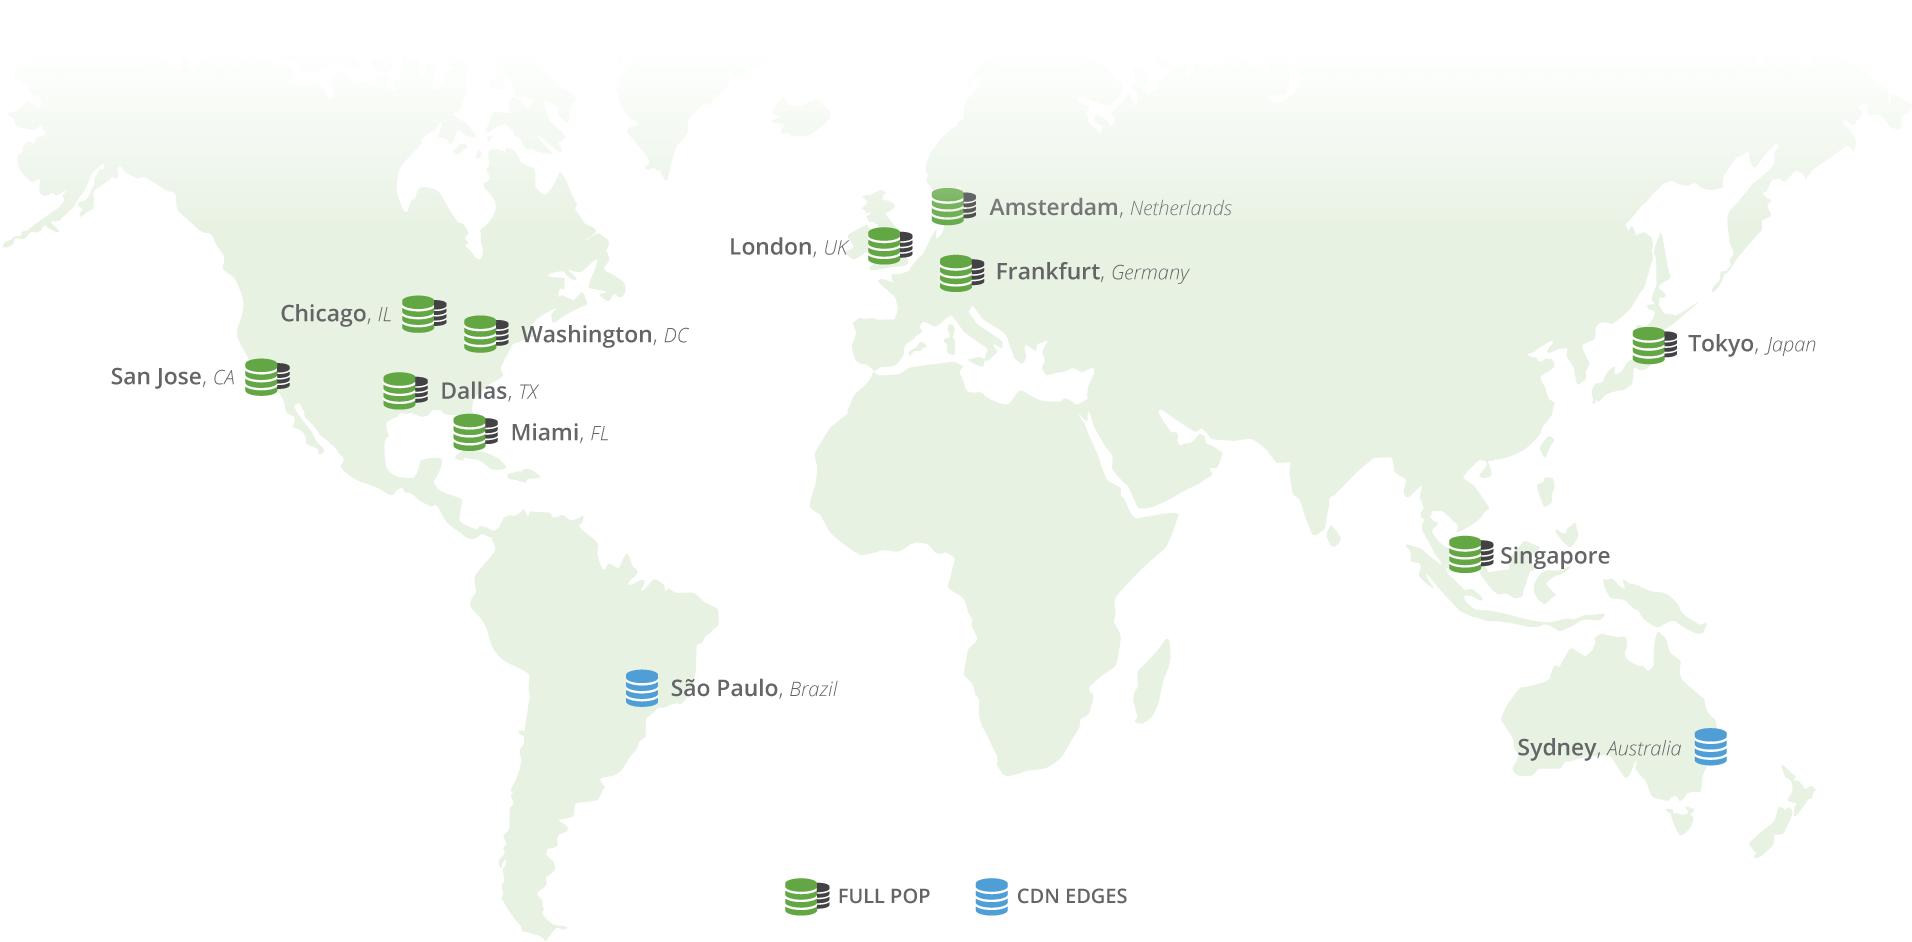 Sucuri Network Map